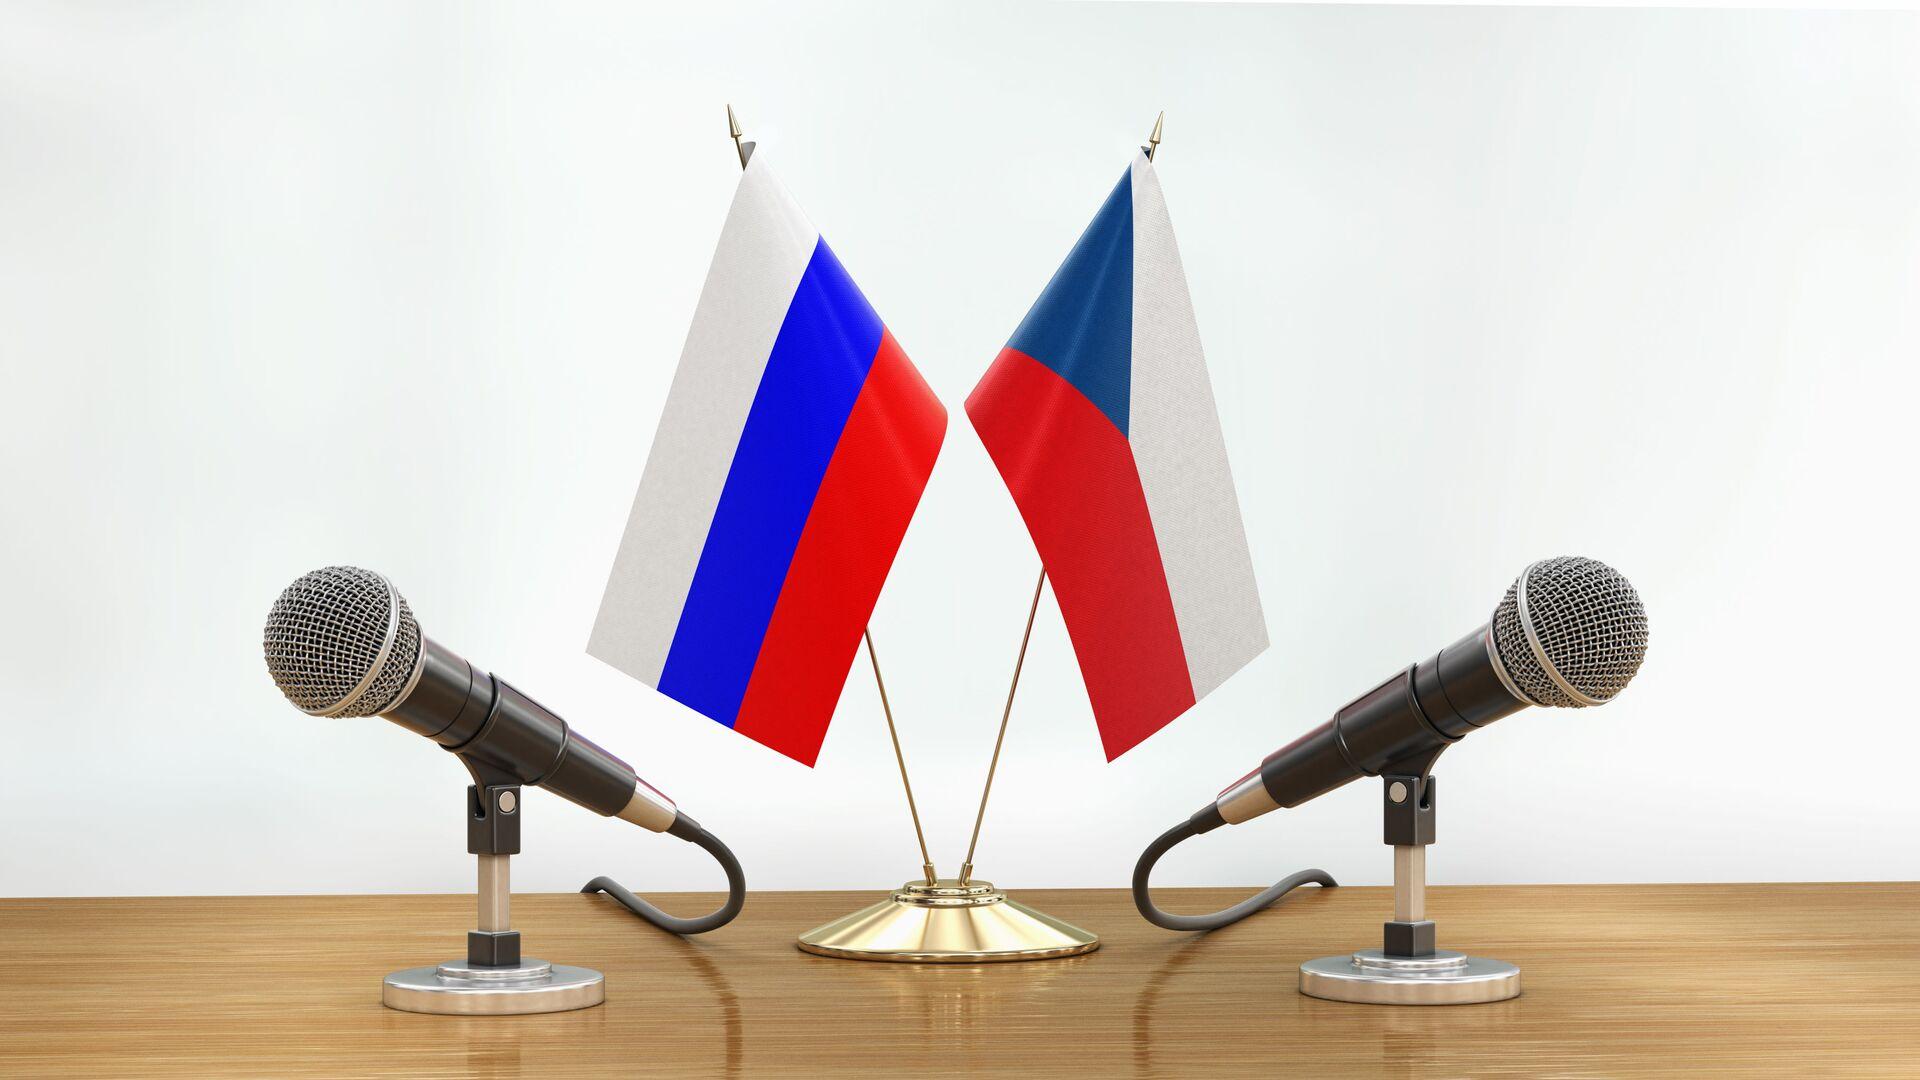 Vlajka Ruska a vlajka České republiky - Sputnik Česká republika, 1920, 11.09.2021